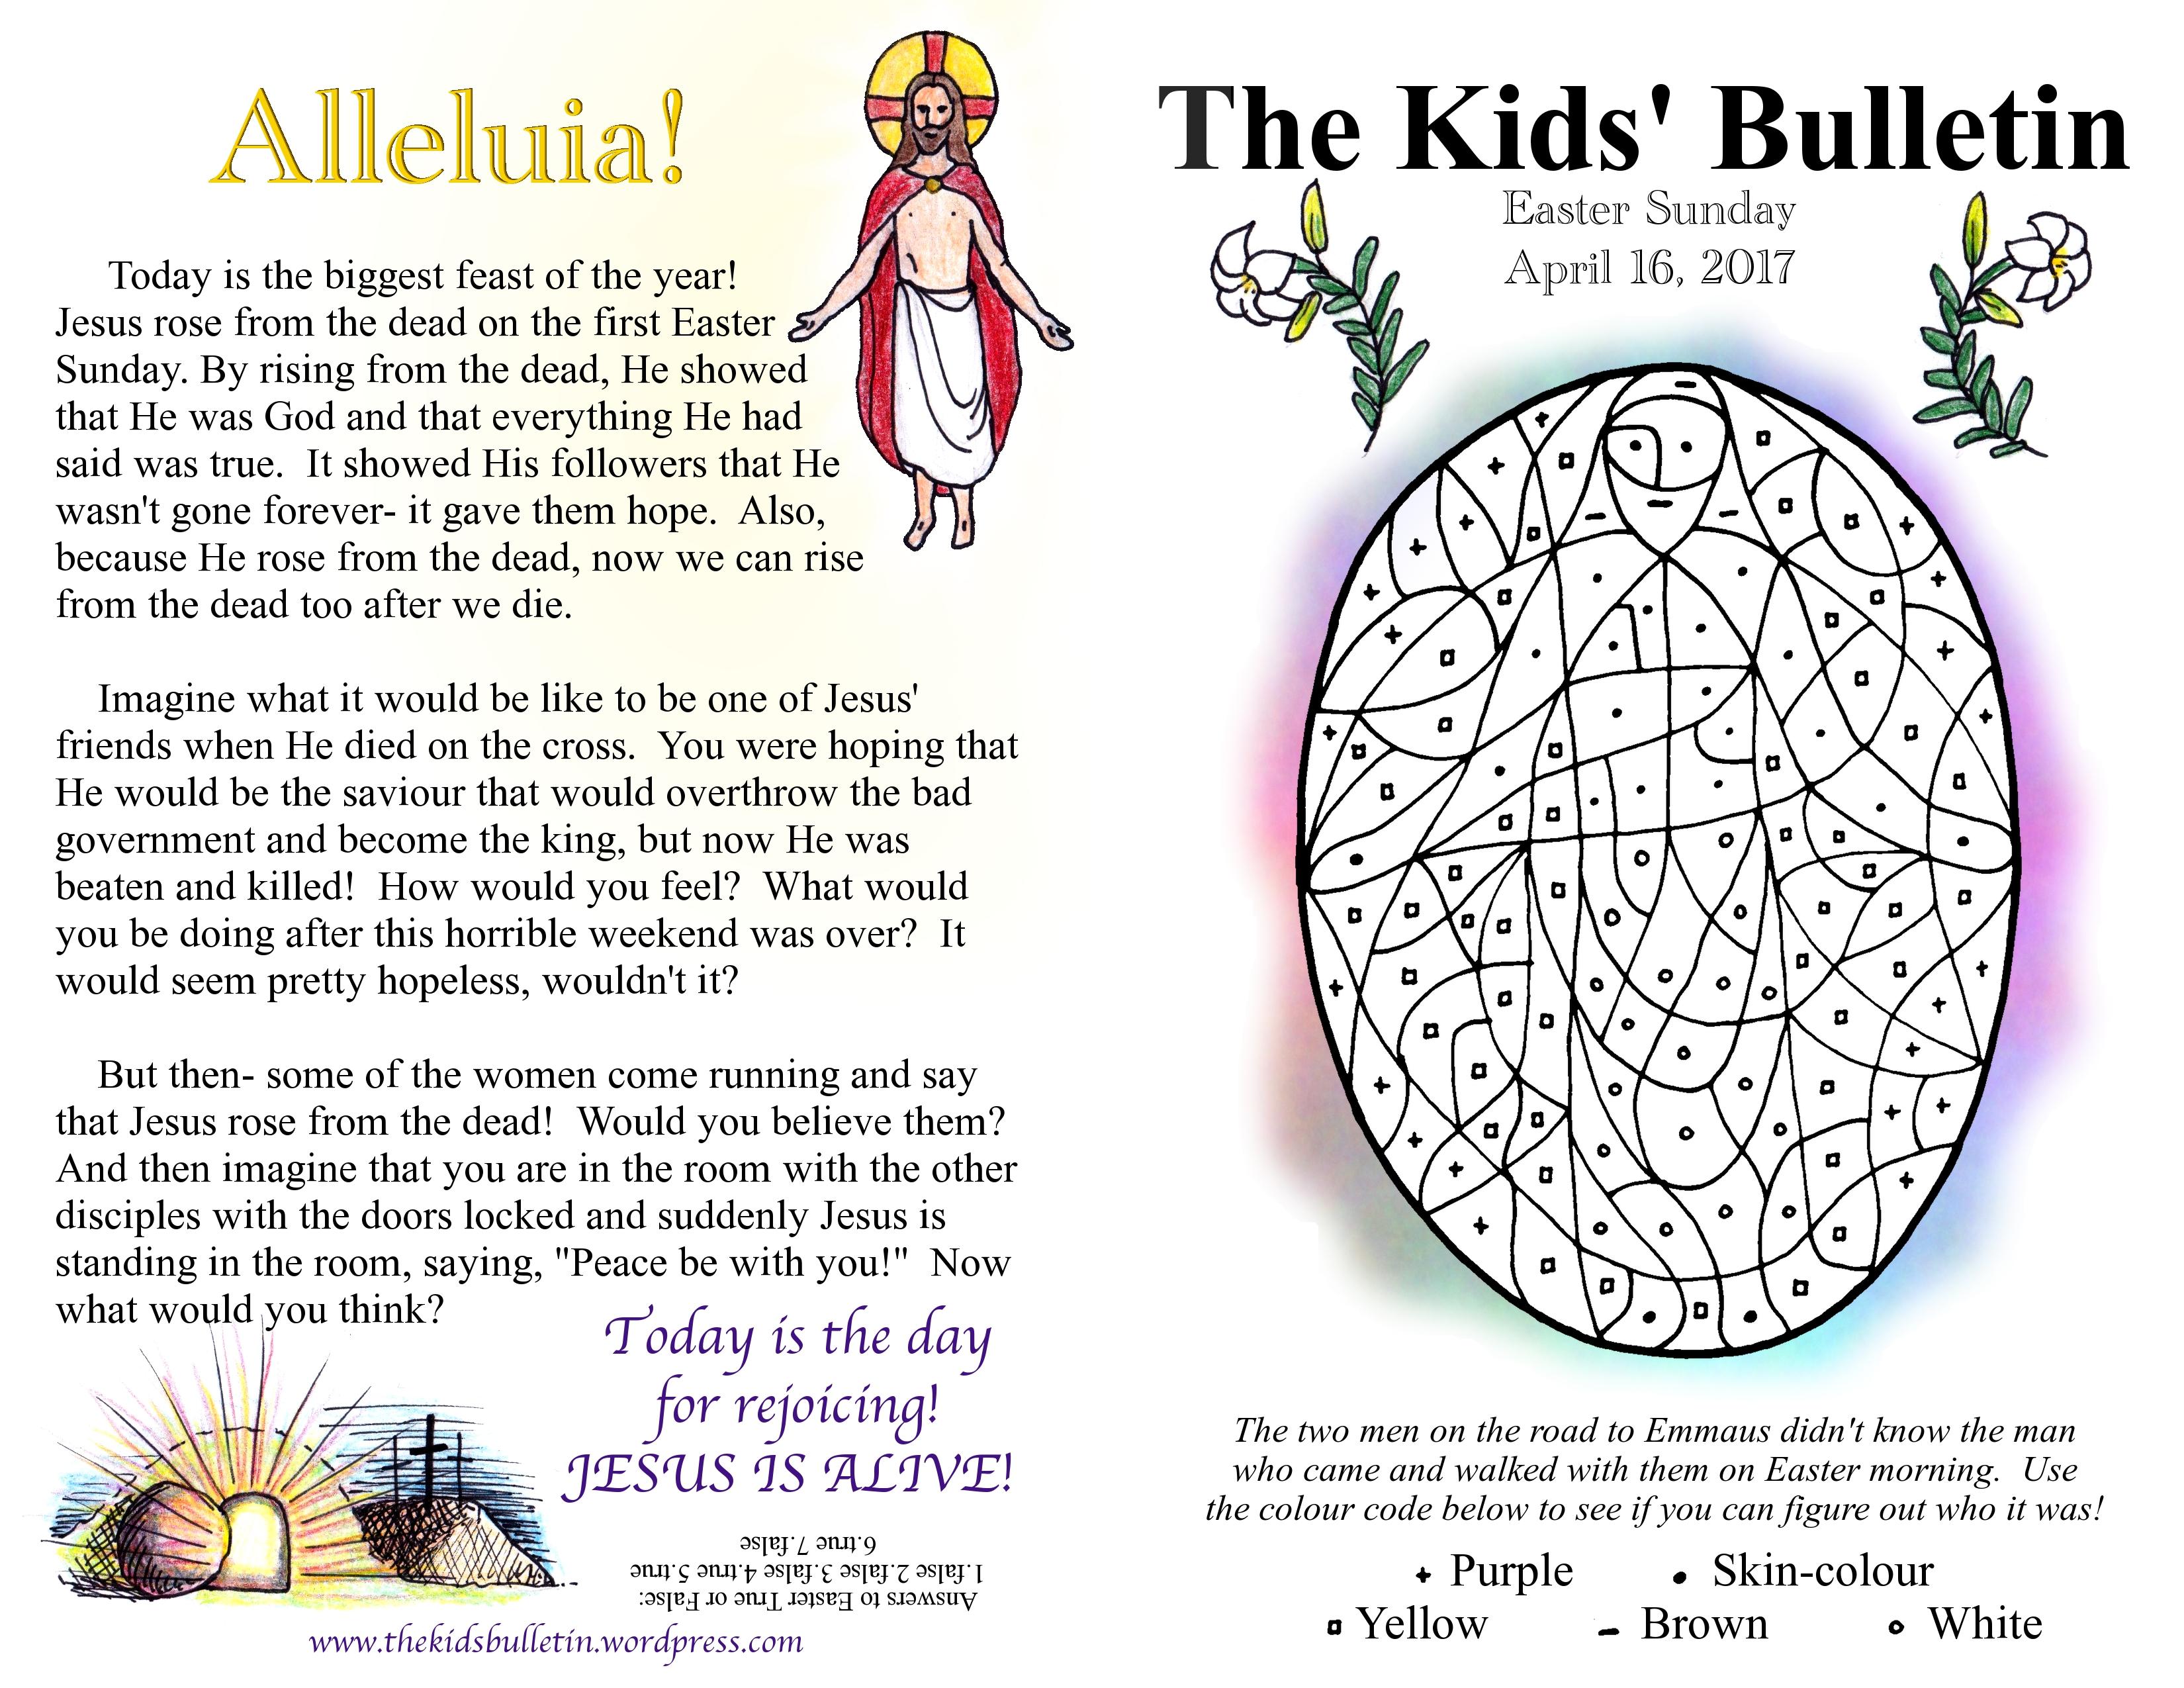 The Kids Bulletin Easter Sunday